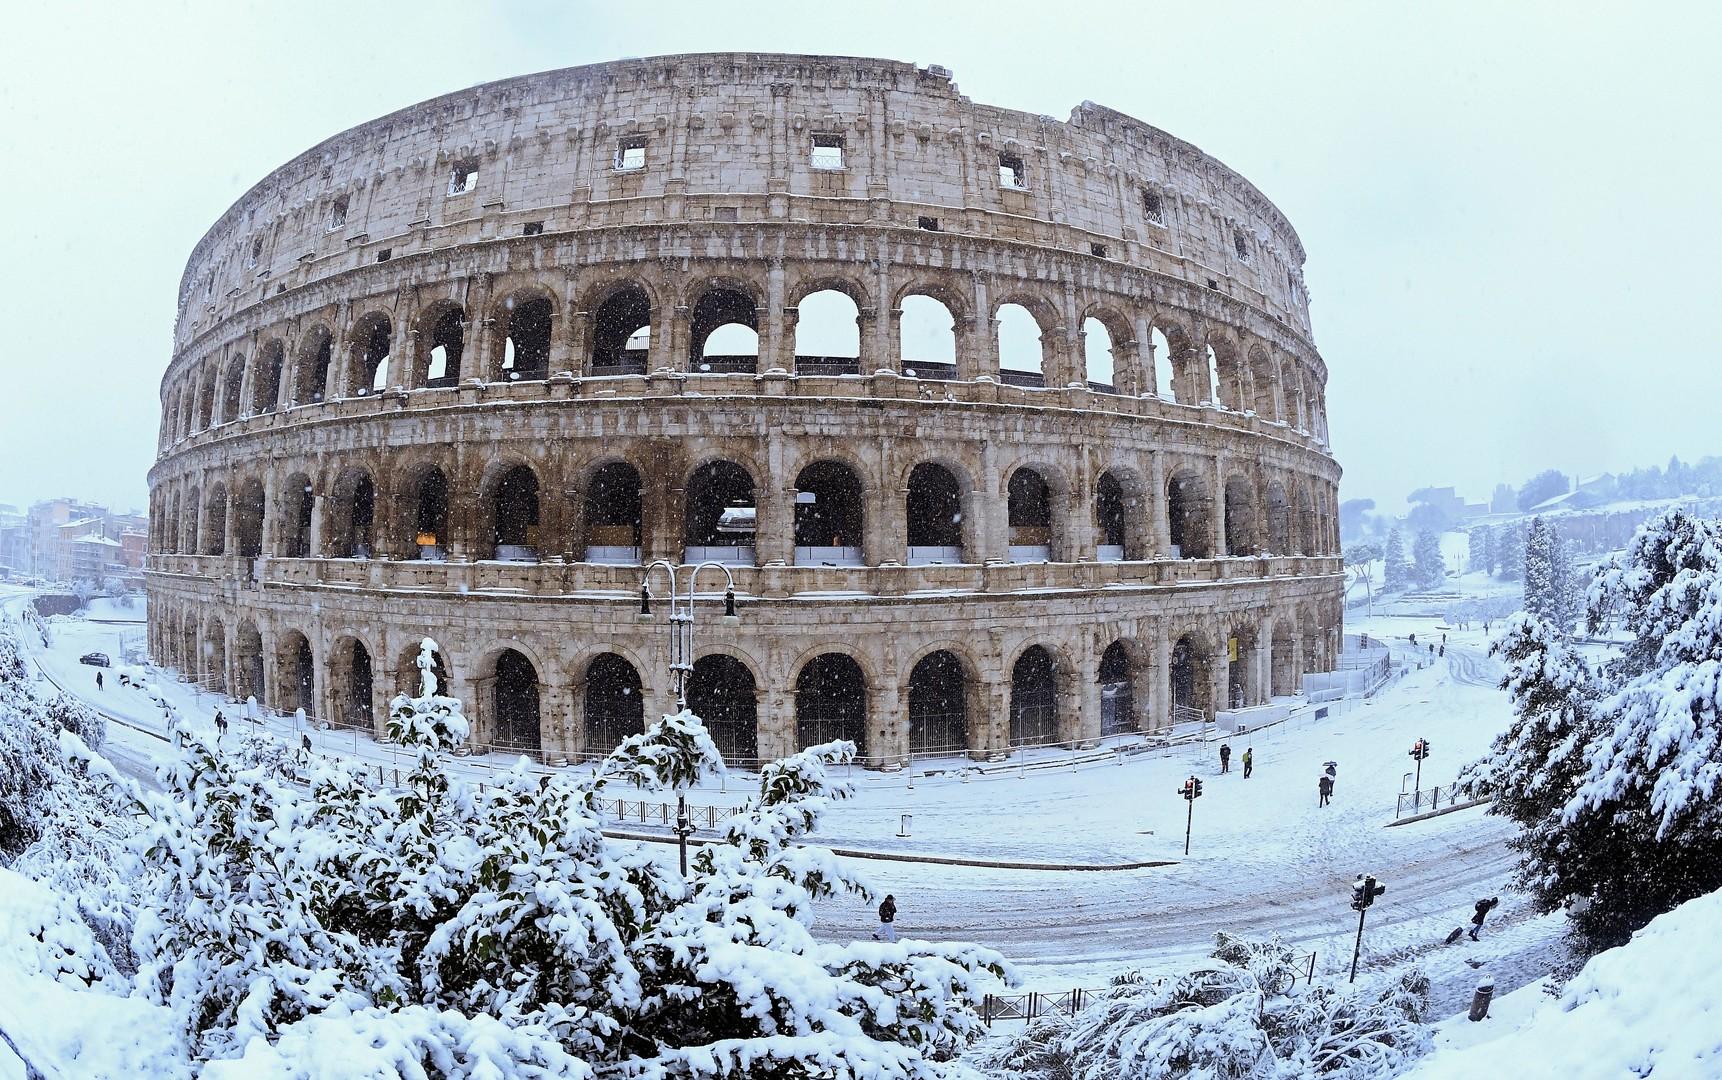 Ungewohnte Bilder aus Rom: Winter legt italienische Hauptstadt lahm - Militär soll Schnee räumen